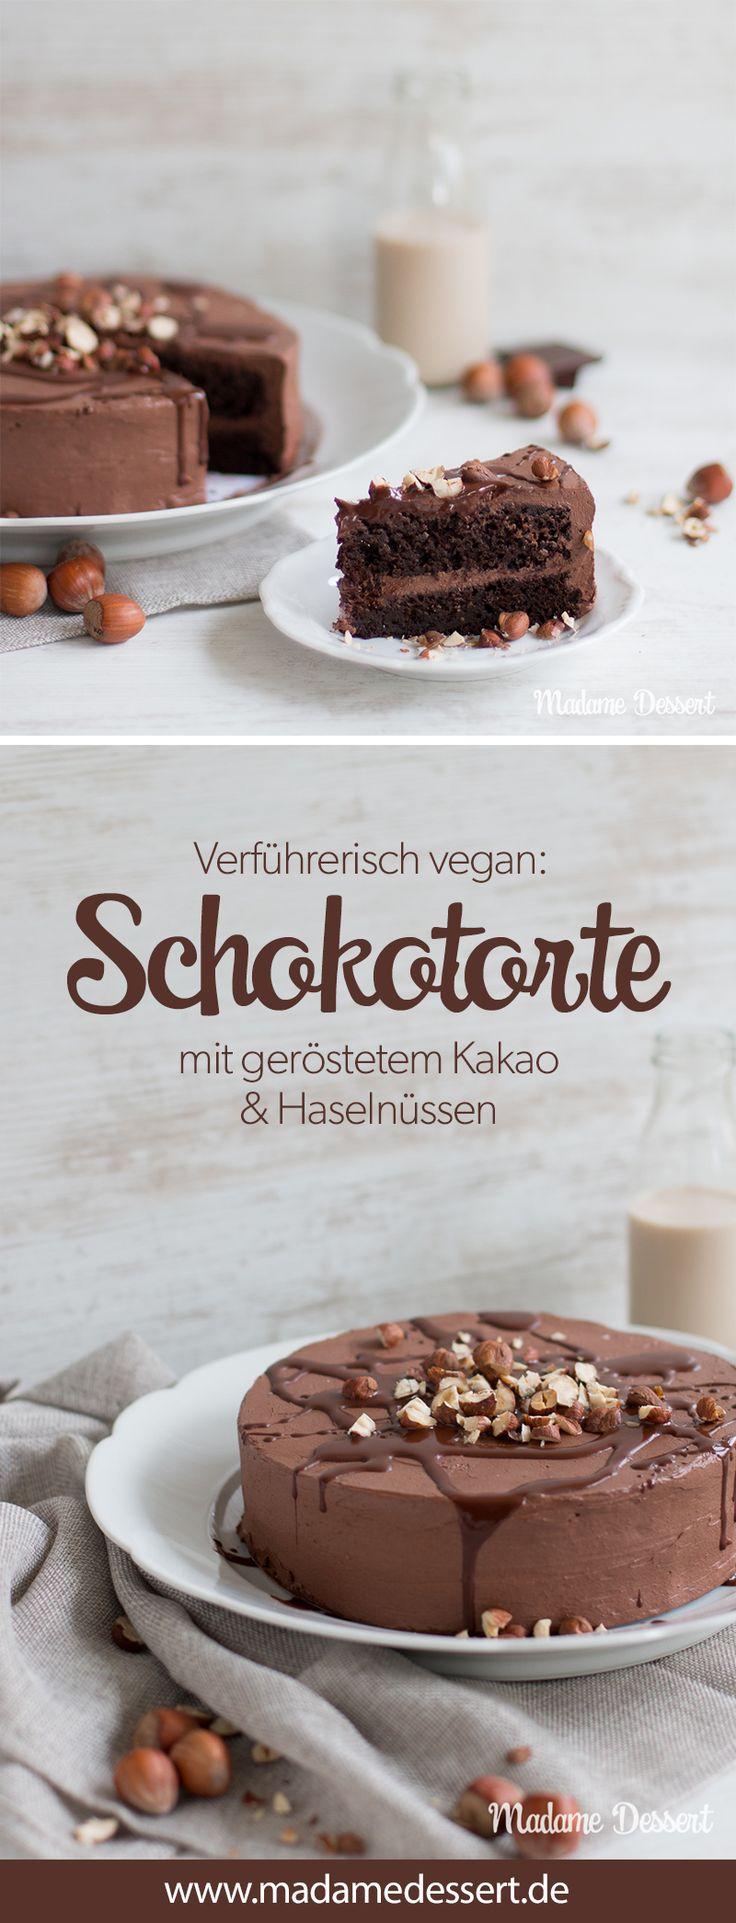 Recette de gâteau au chocolat végétalien avec cacao grillé et noisettes croquantes …   – Madame Dessert – Foodblog |Rezepte auf einen Blick